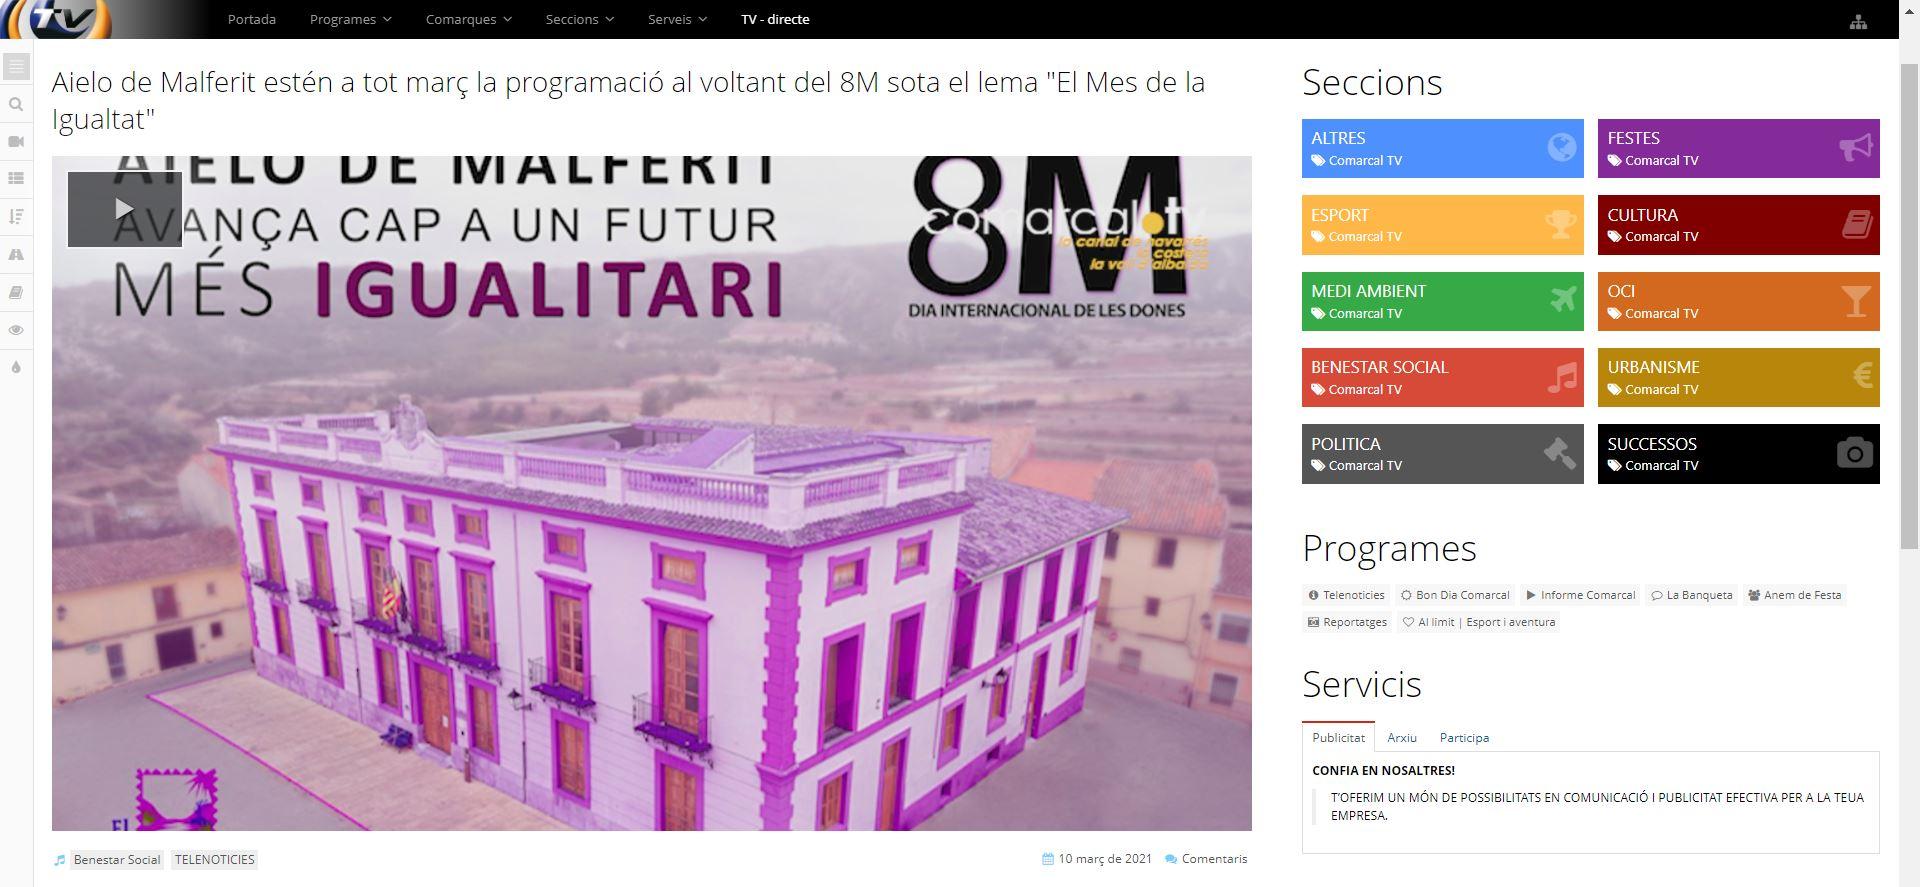 """COMARCAL TV: Aielo de Malferit estén a tot març la programació al voltant del 8M sota el lema """"El Mes de la Igualtat"""""""